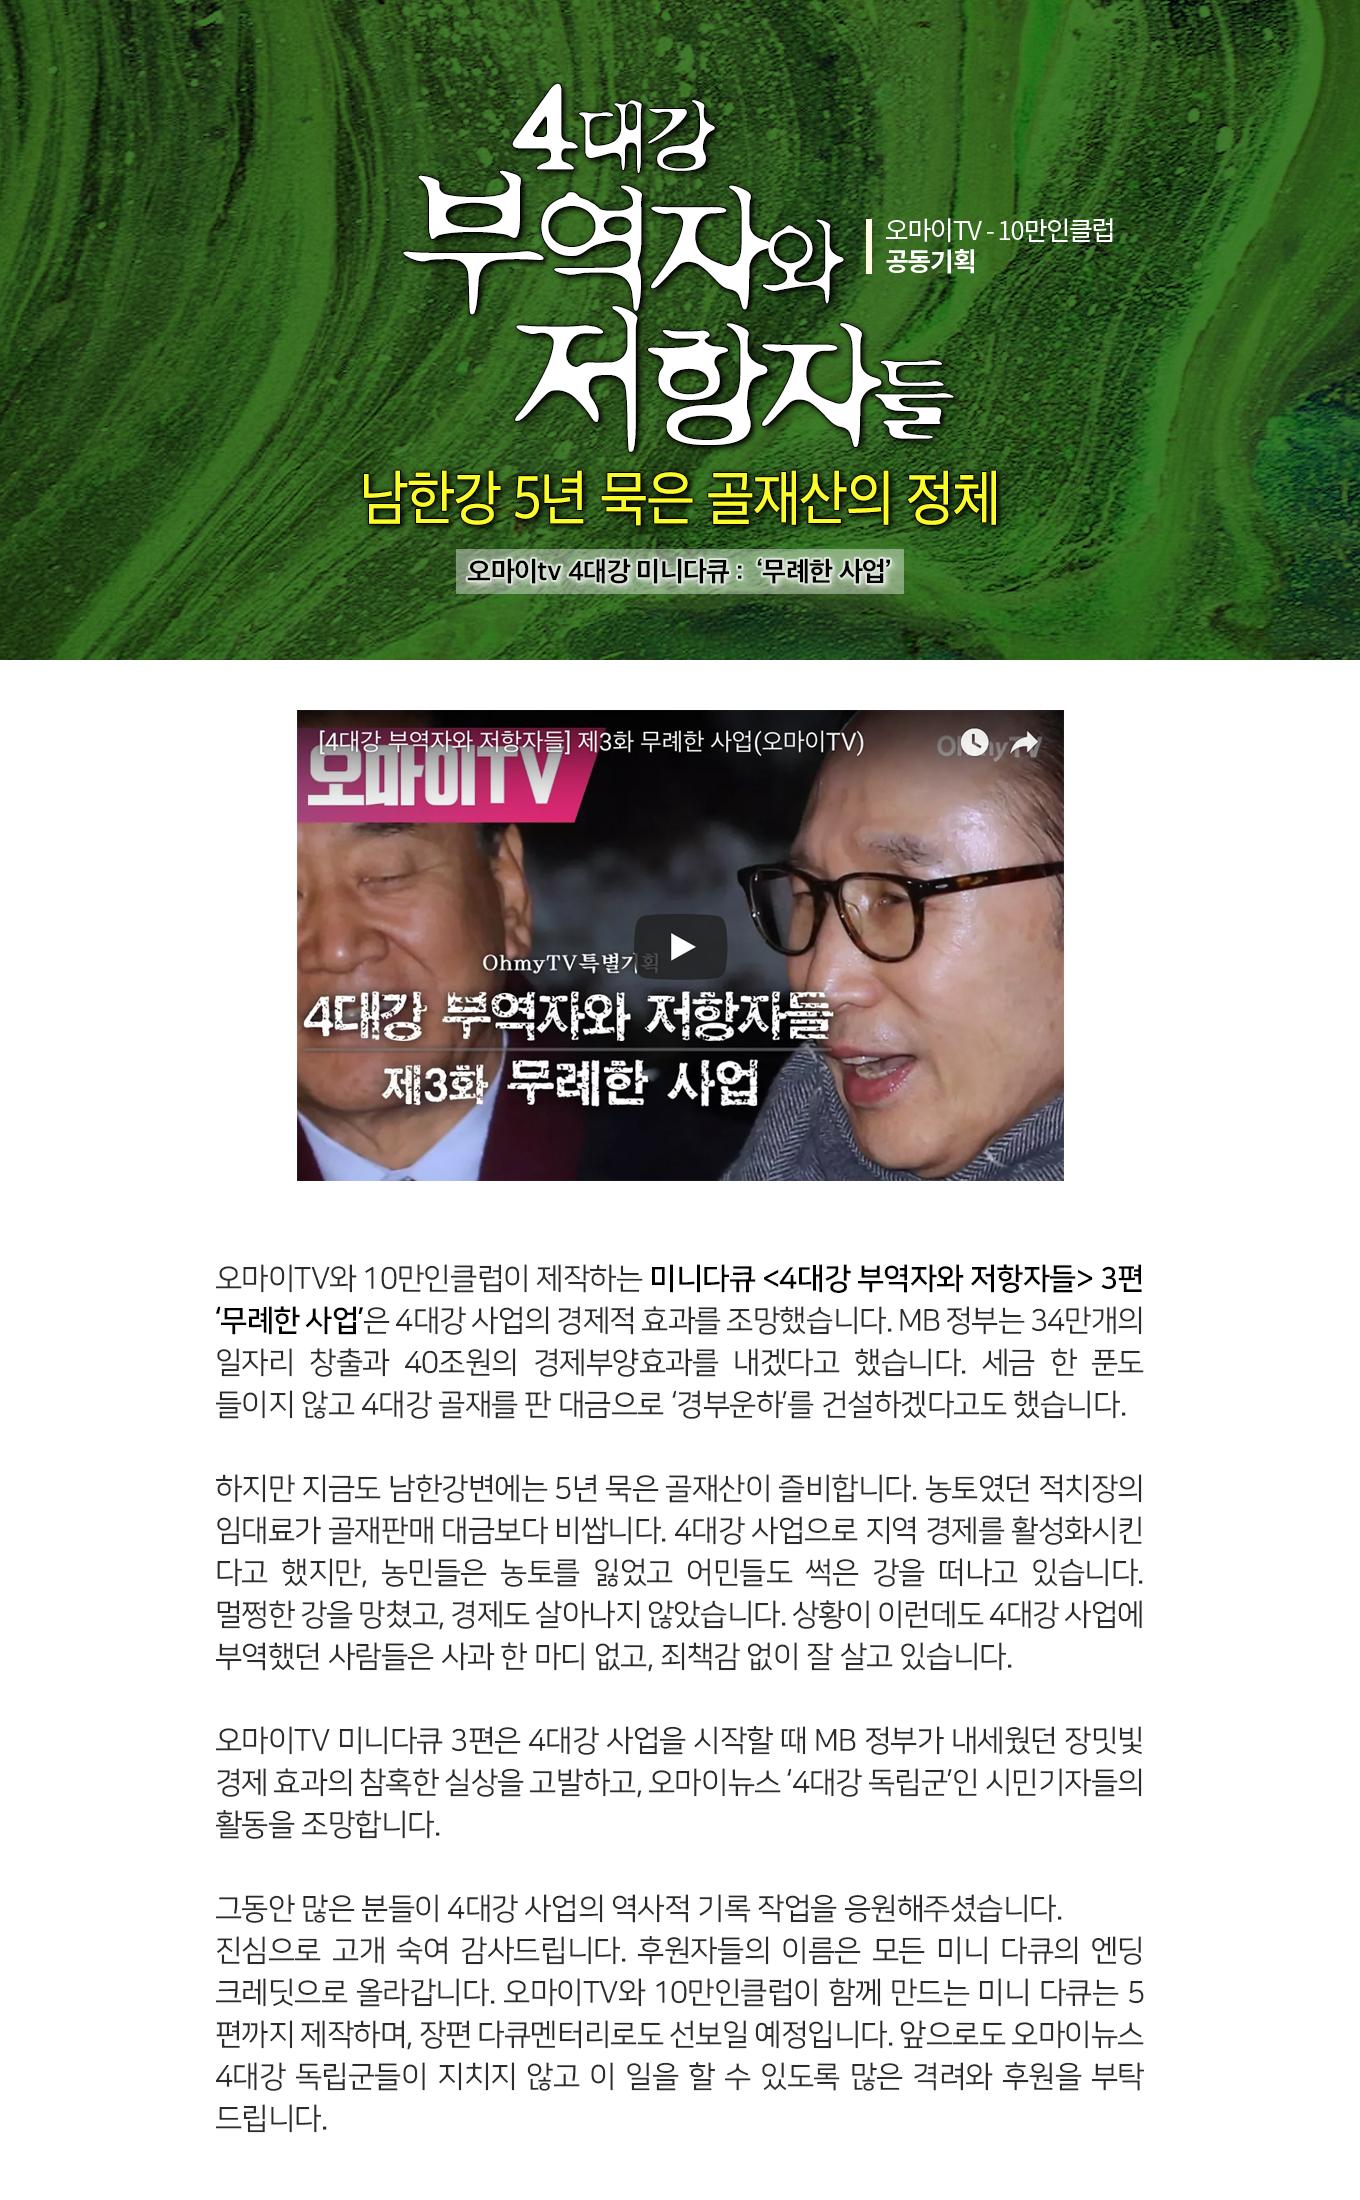 4대강 부역자와 저항자들, 남한강 5년 묵은 골재산의 정체, 오마이TV 미니다큐 3편 무례한 사업